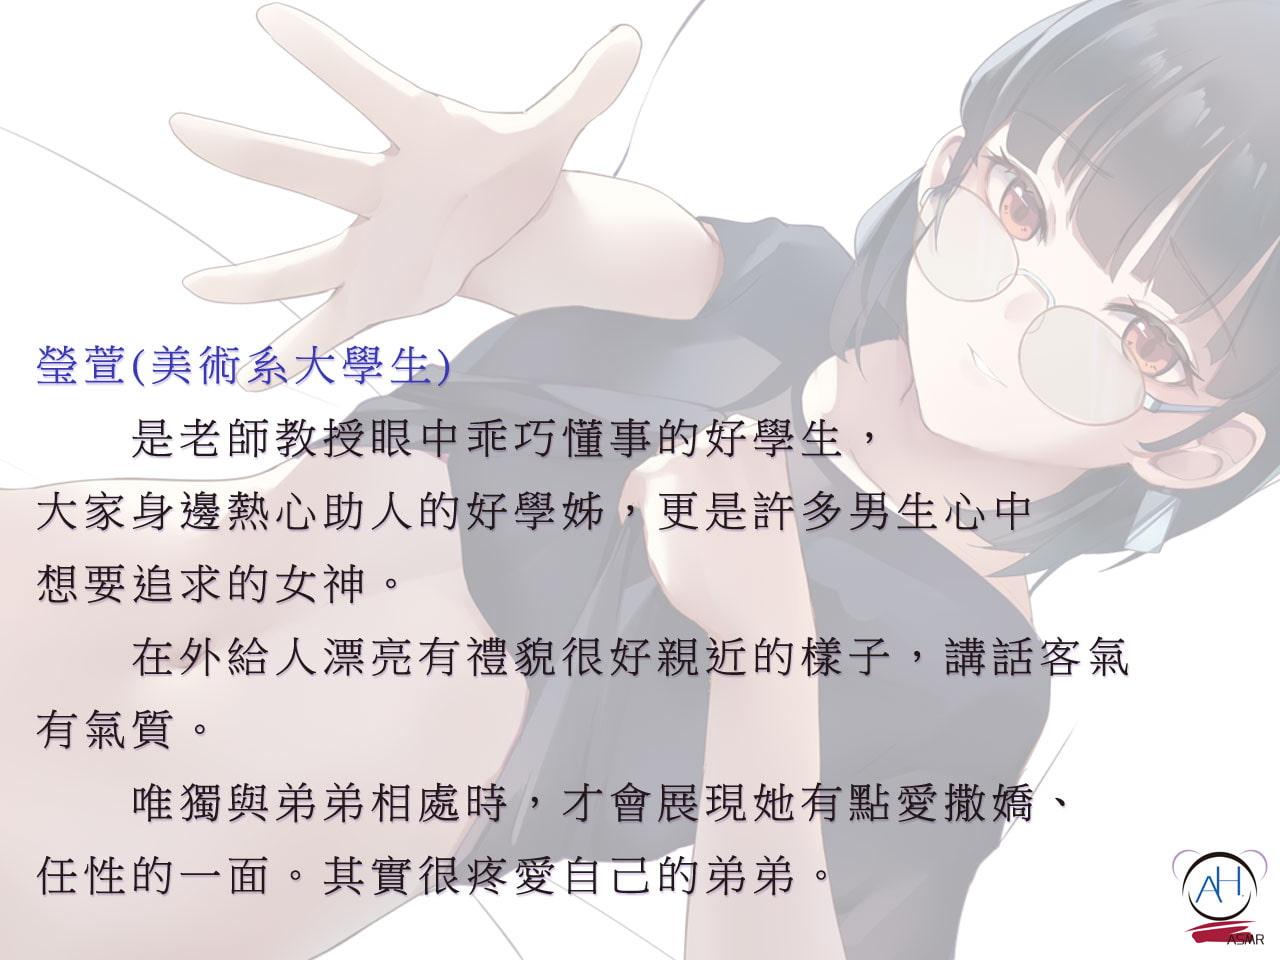 【スタジオ録音】私のちょっとかわいい姉【中国語音声】(商品番号:RJ334916)